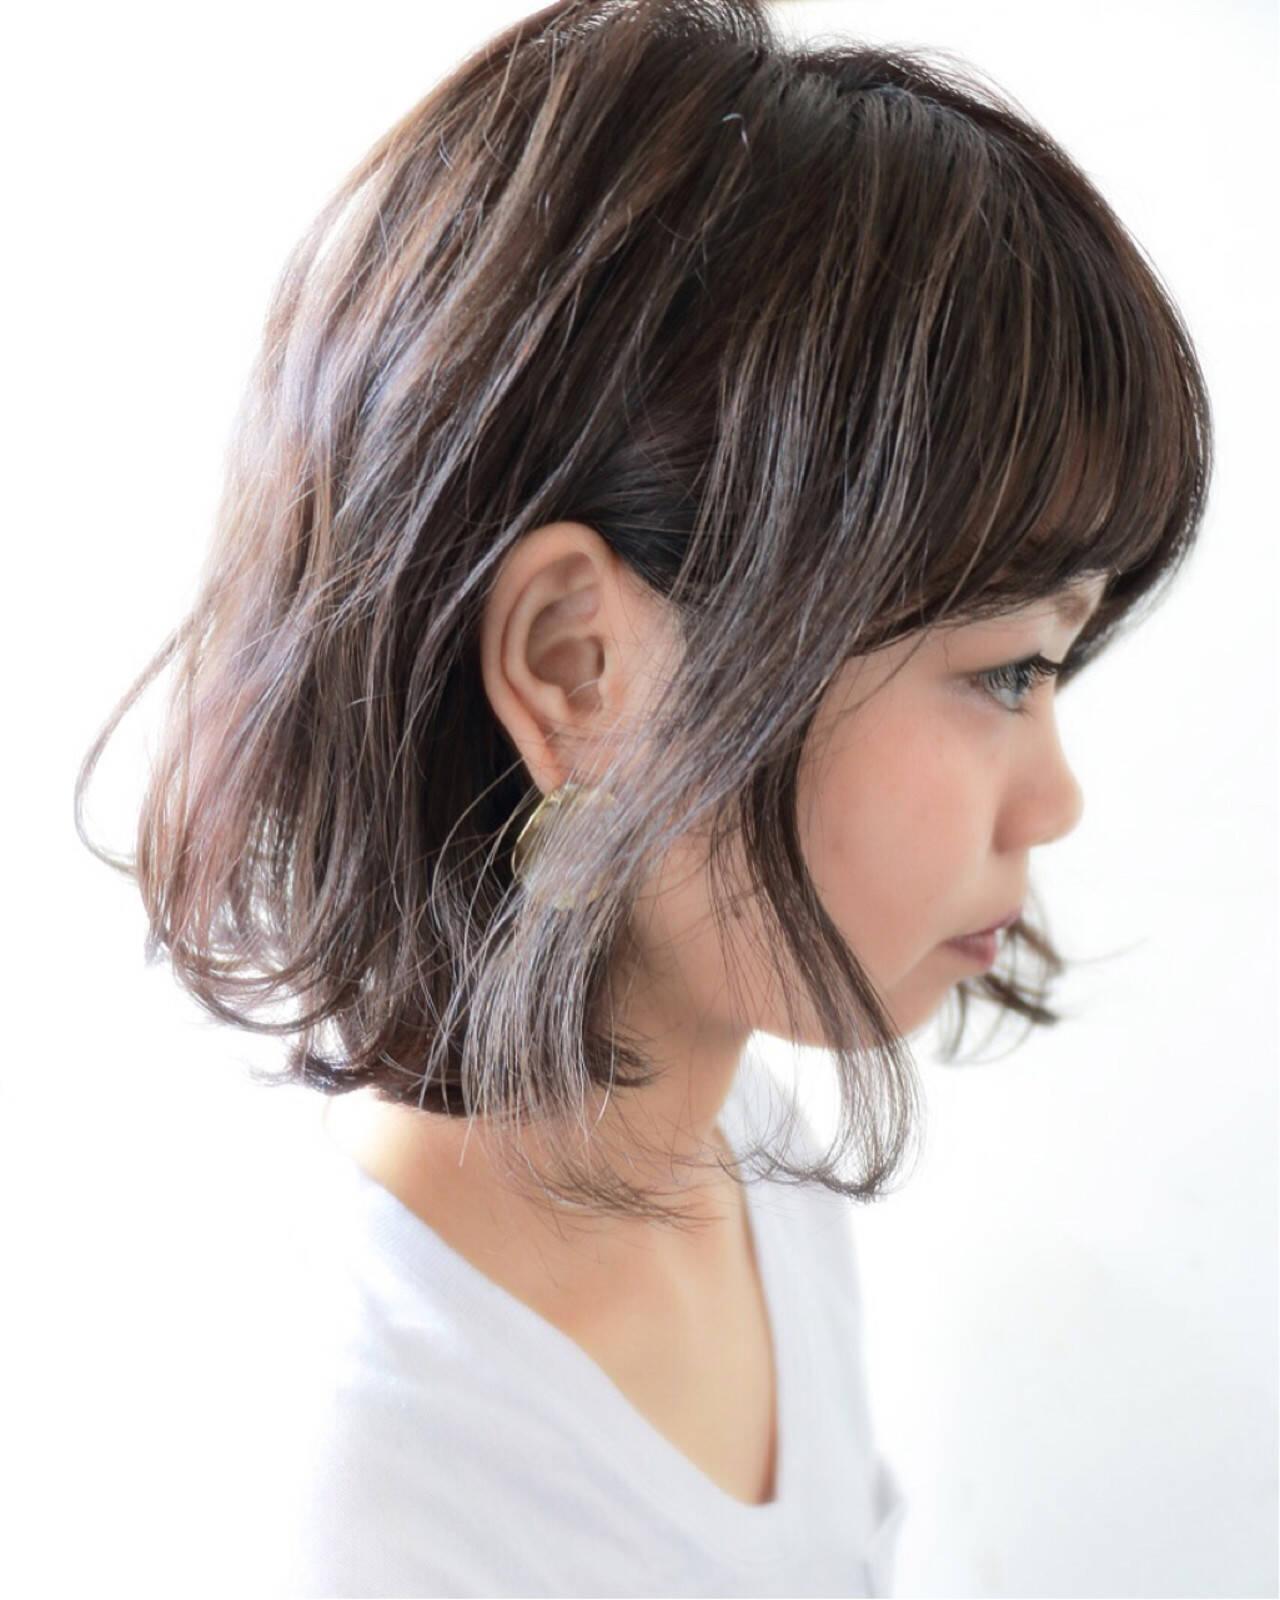 モテ髪 ゆるふわ パーマ ナチュラルヘアスタイルや髪型の写真・画像